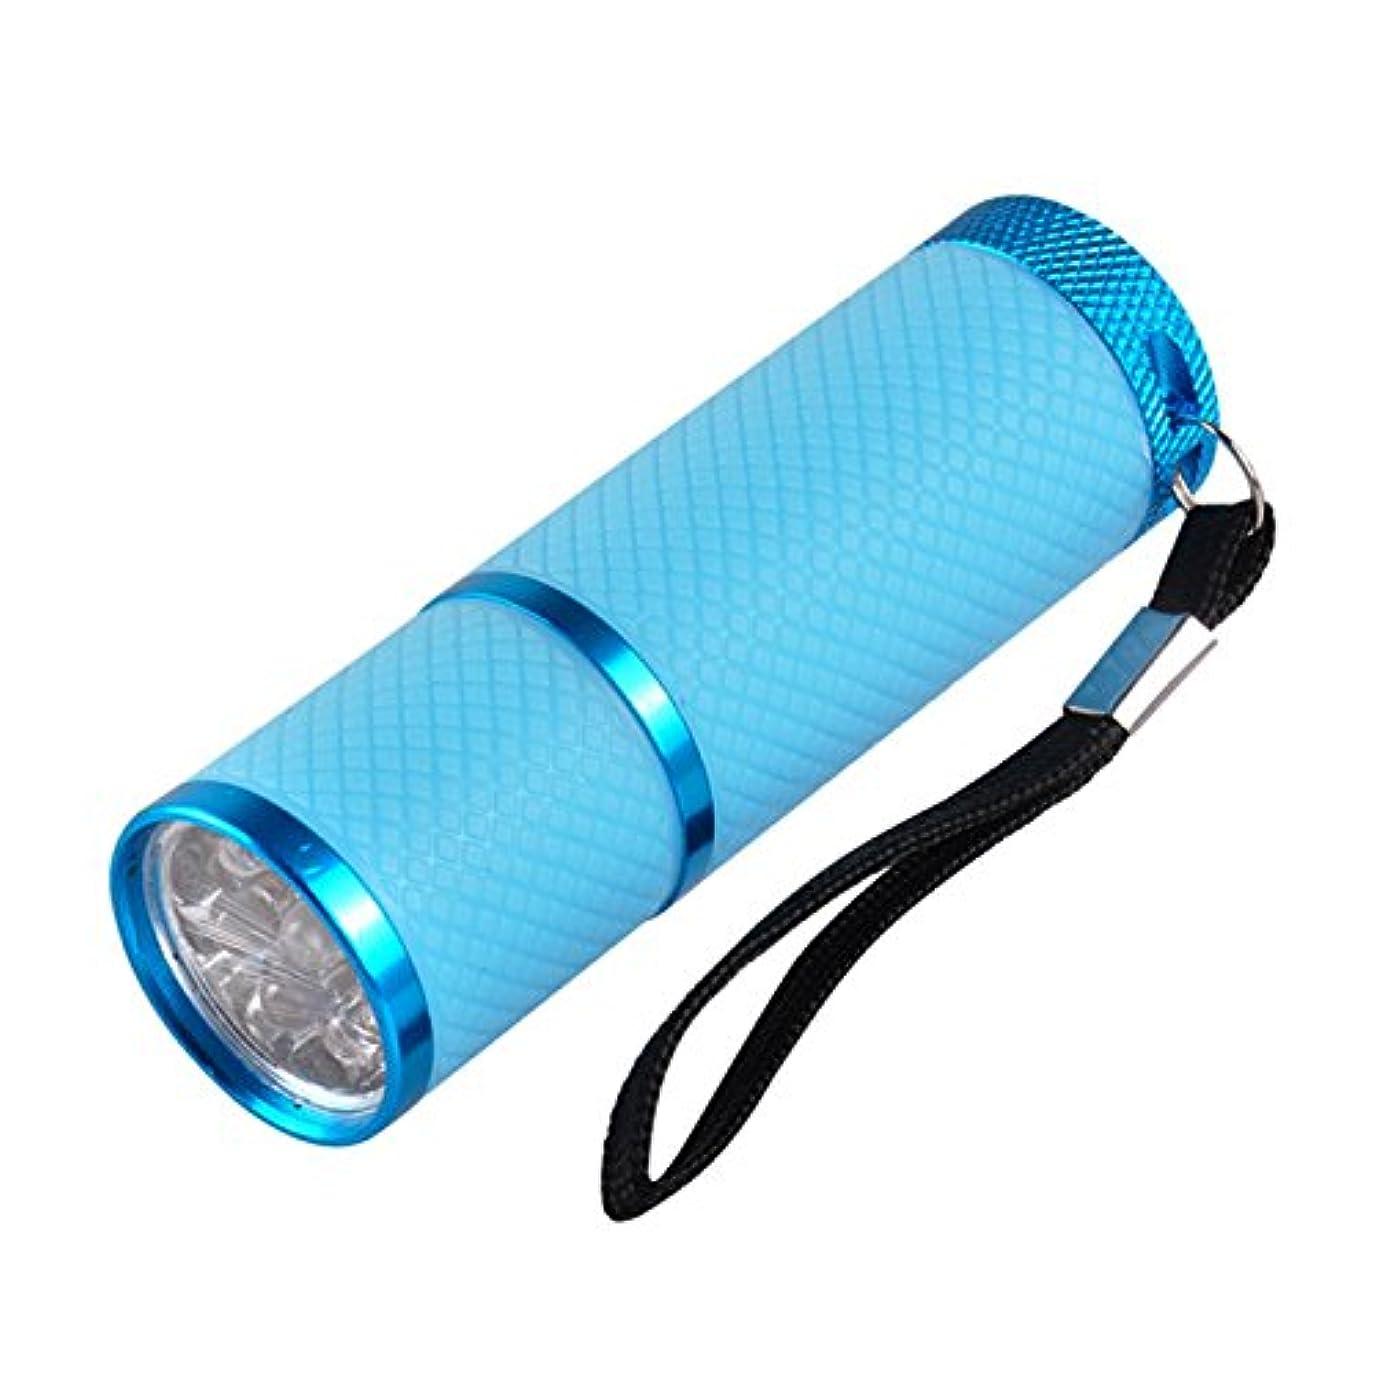 シャンプー場所復活させるネイル?レジンクラフト LED UVライト ブルー BY-NL550 ネコポス発送 送料無料